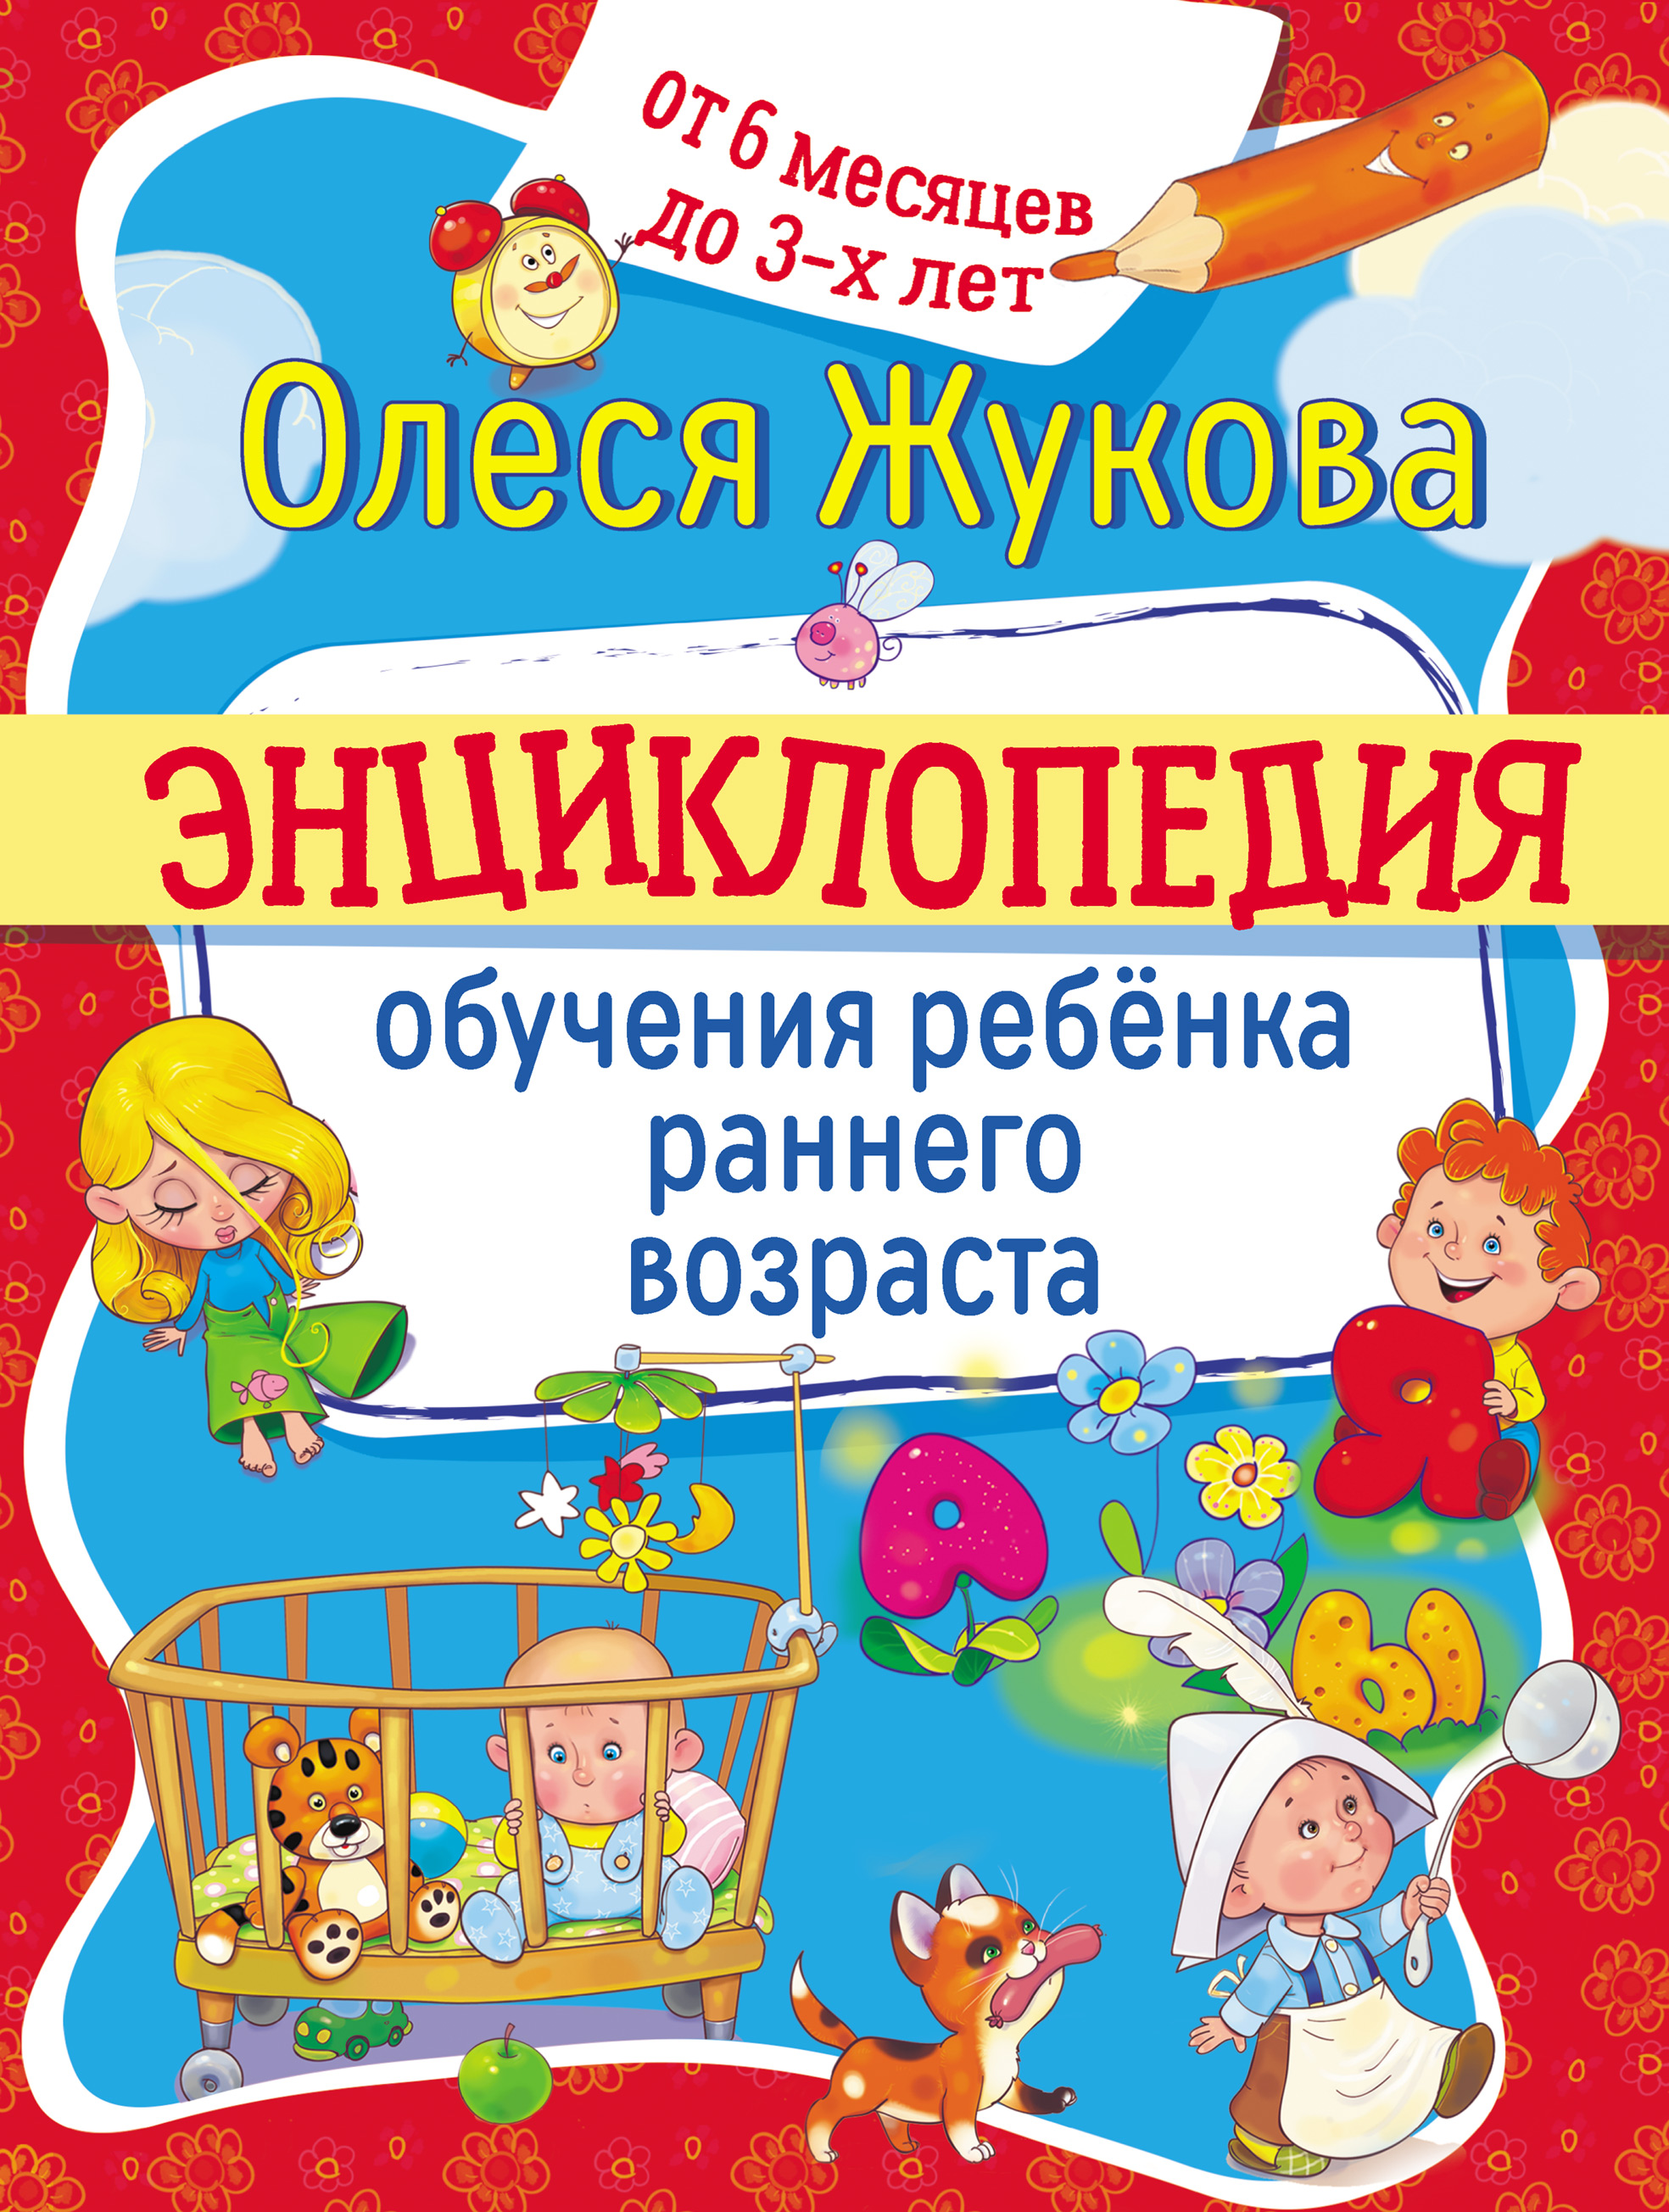 все цены на Олеся Жукова Энциклопедия обучения ребёнка раннего возраста. От 6 месяцев до 3 лет онлайн